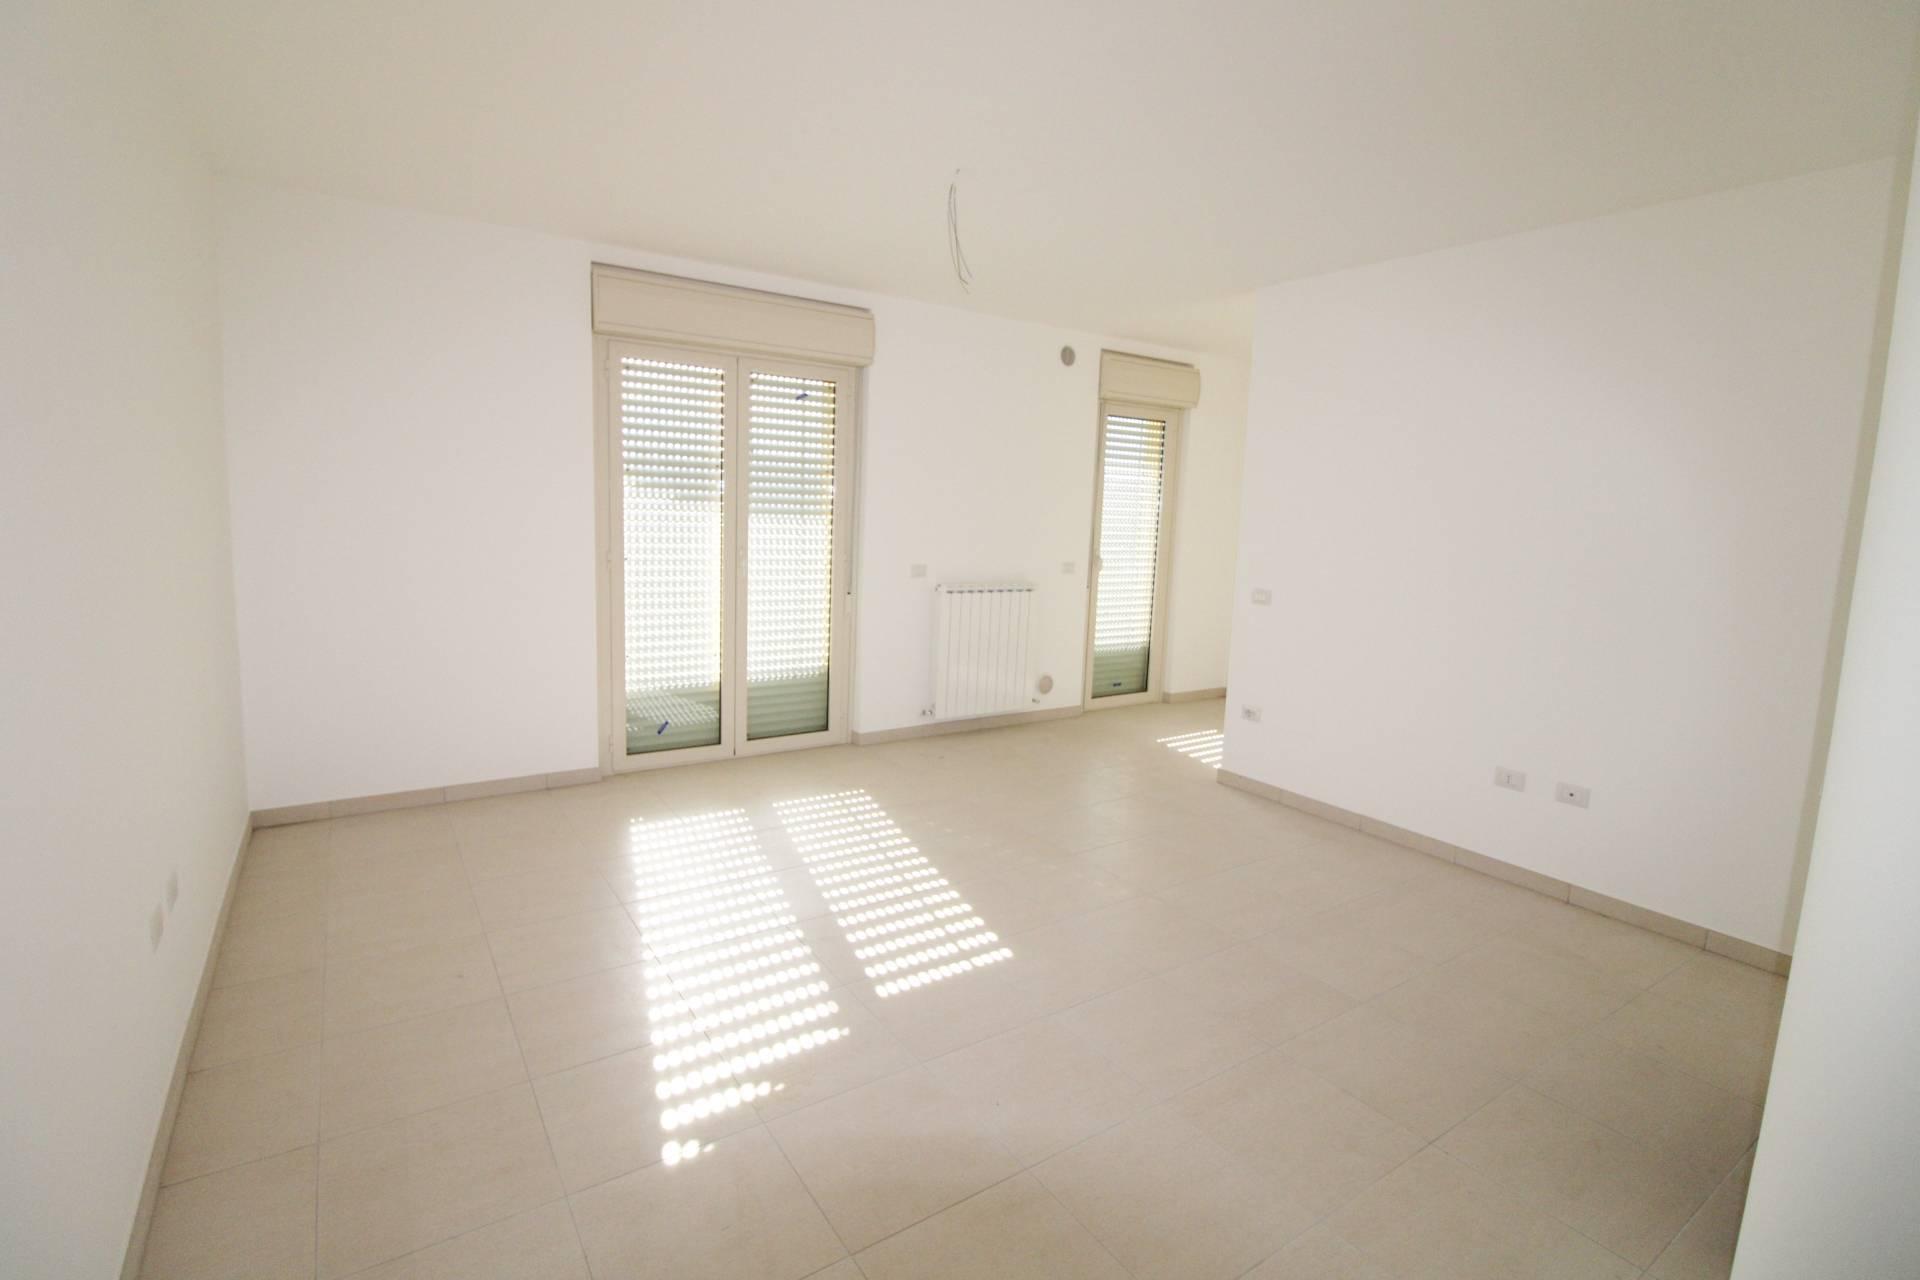 Appartamento in vendita a Colonnella, 3 locali, prezzo € 134.000 | PortaleAgenzieImmobiliari.it